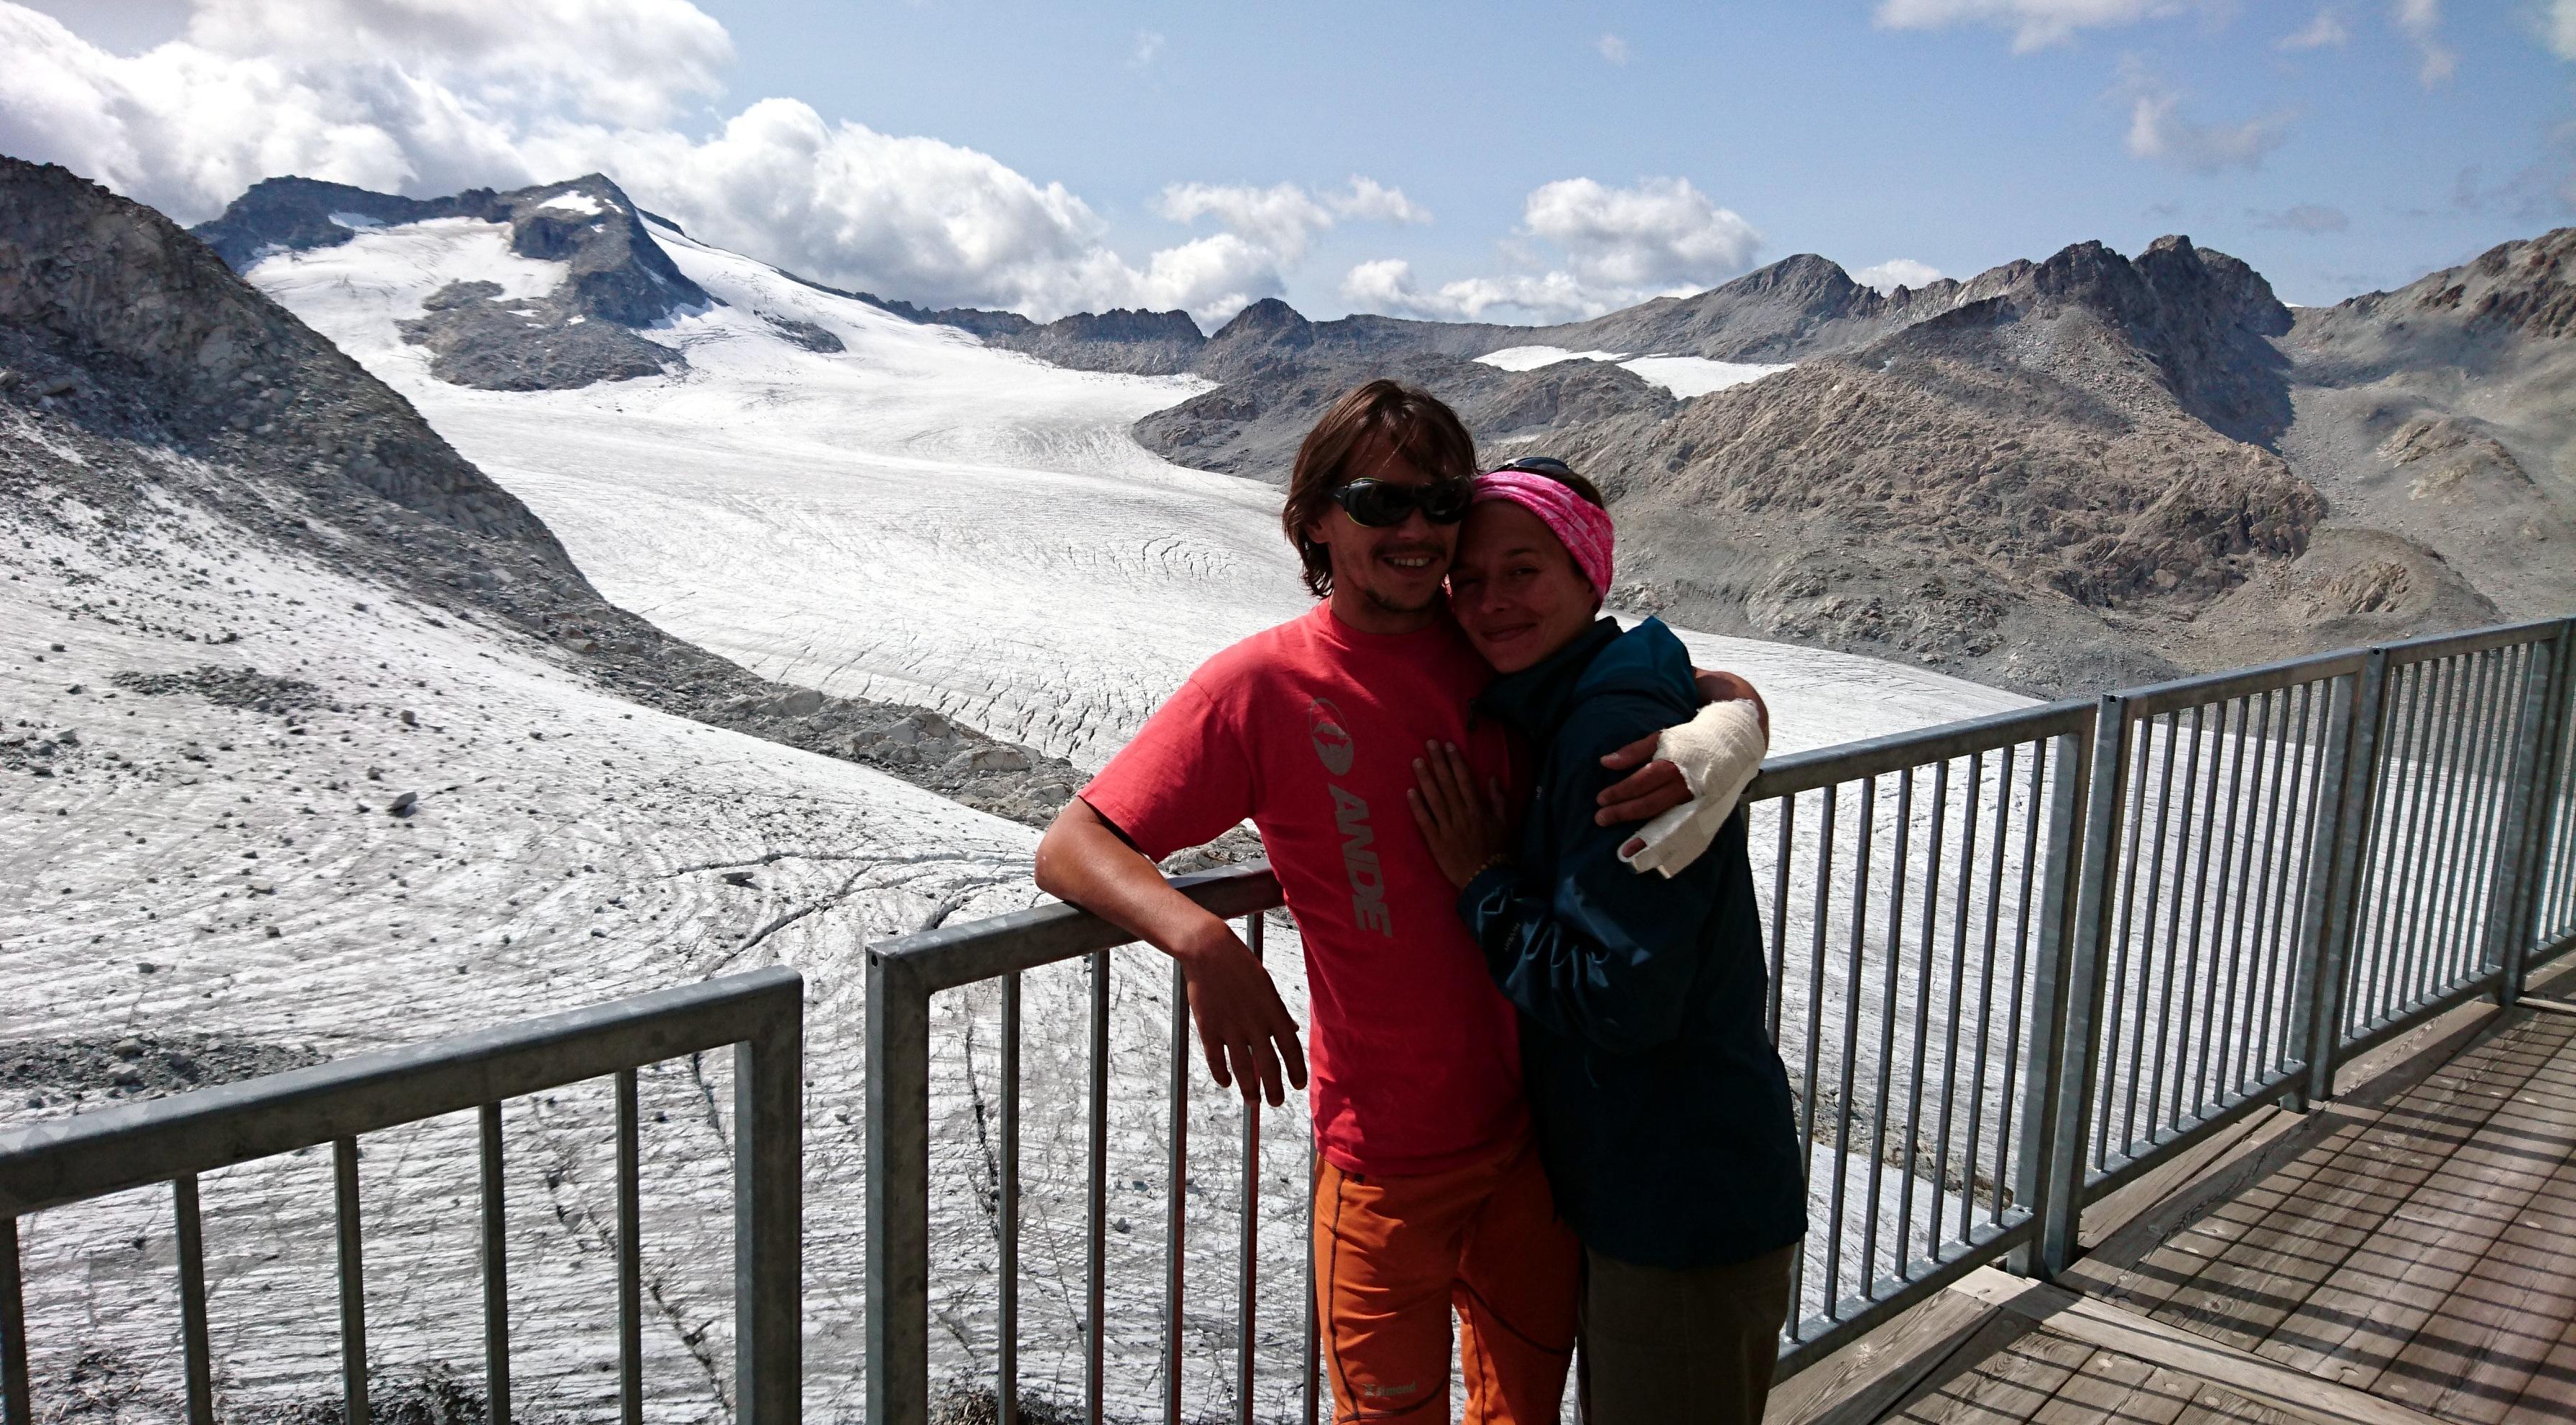 sarebbe bello tornare nei prossimi anni e trovare il Pian di Neve in condizioni migliori